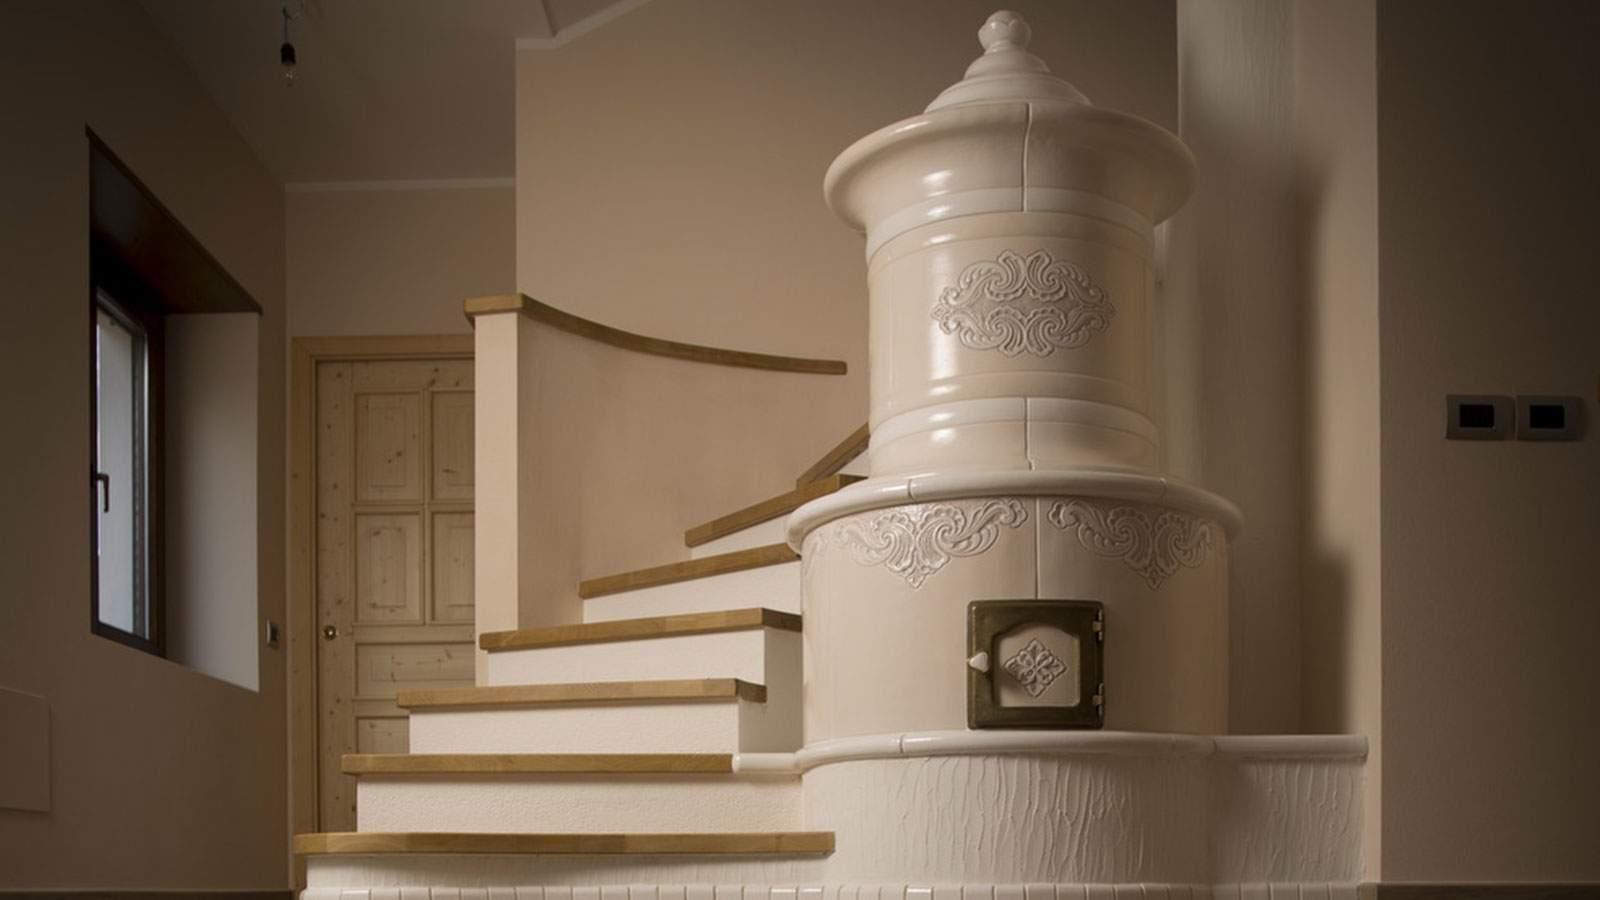 Particolari decorazioni incisioni rilievi ed applicazioni per stufe in maiolica